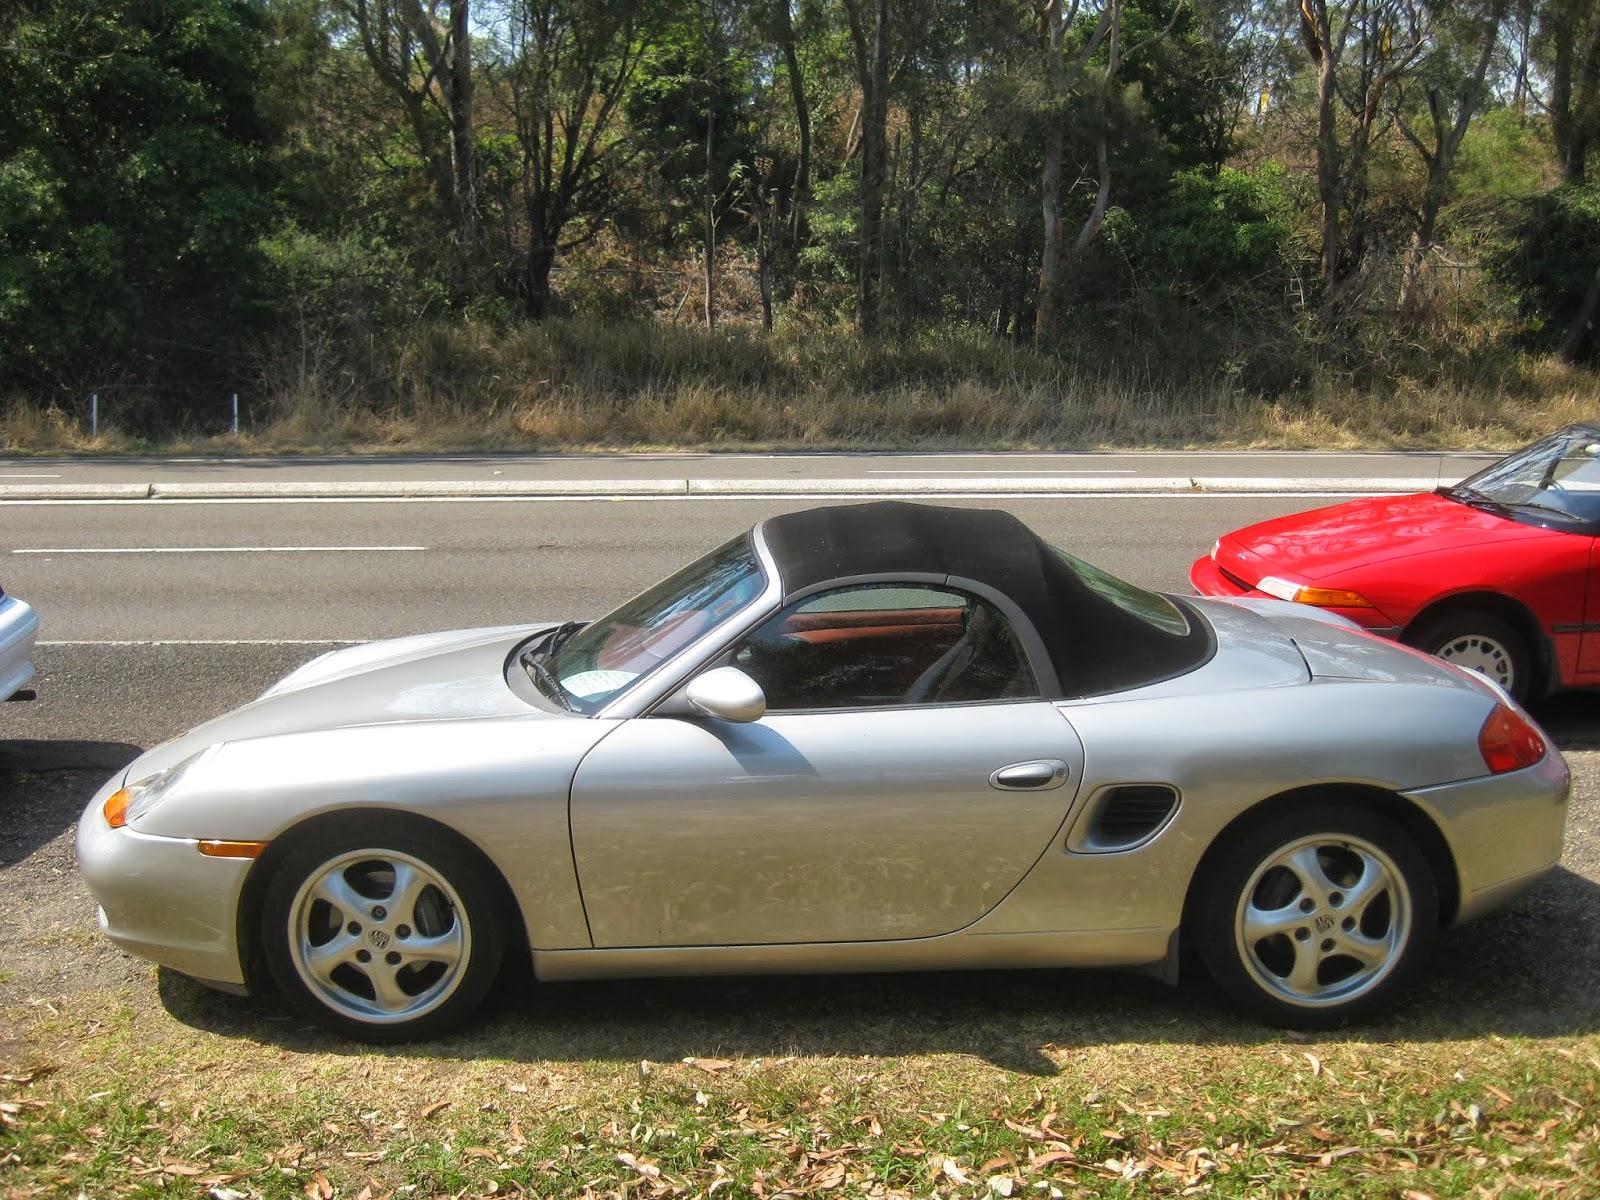 Aussie Old Parked Cars 1997 Porsche Boxster